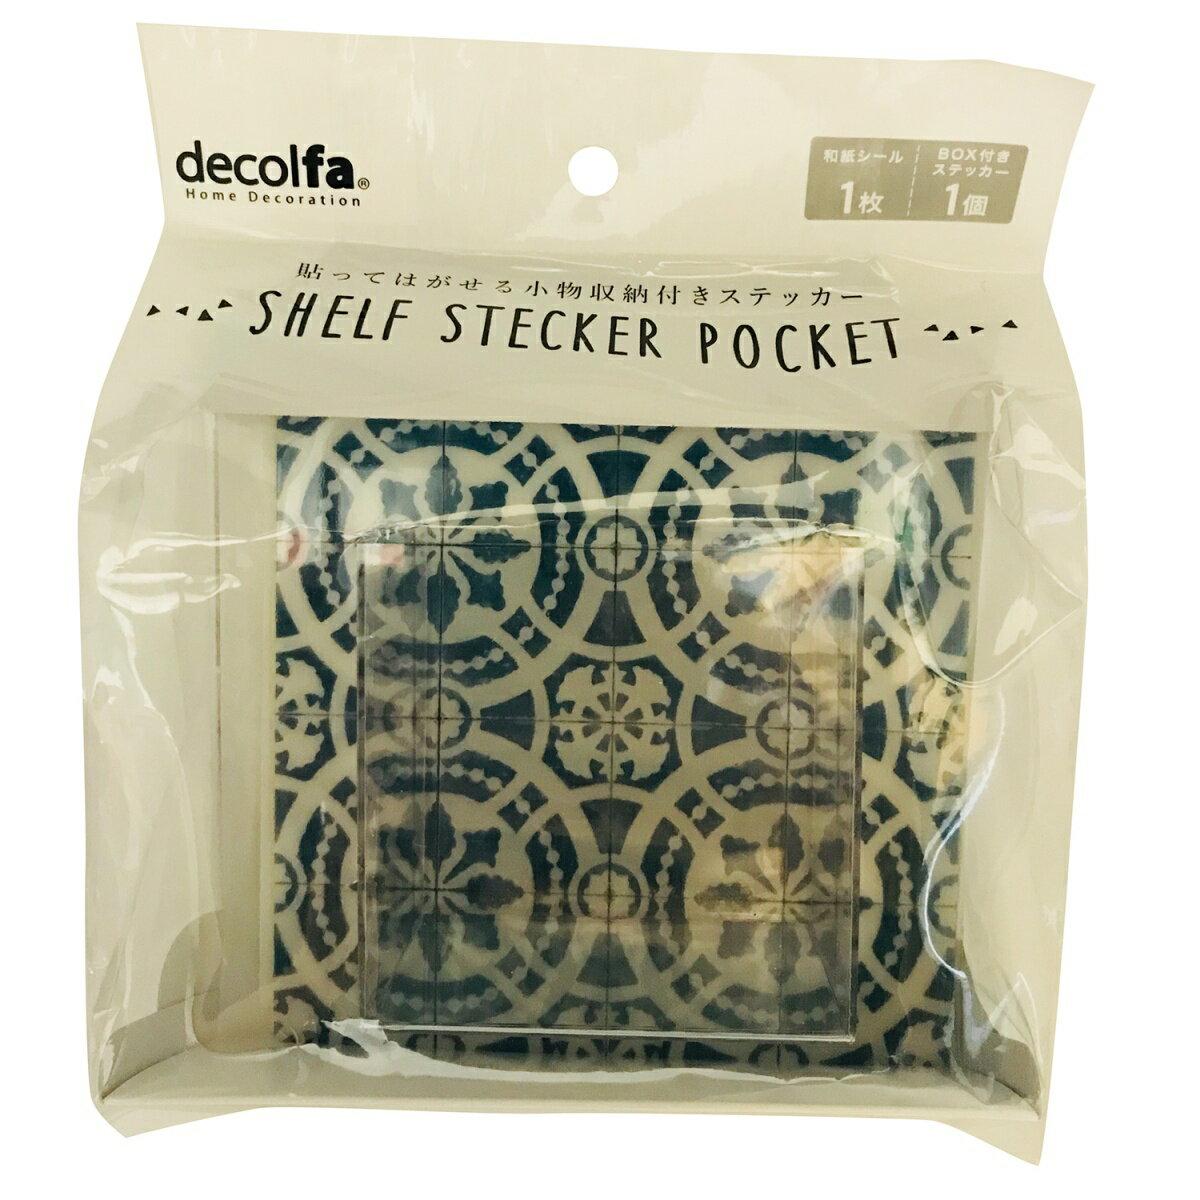 ニトムズ デコルファ decolfa シェルフステッカーポケット ブルー M4500の写真